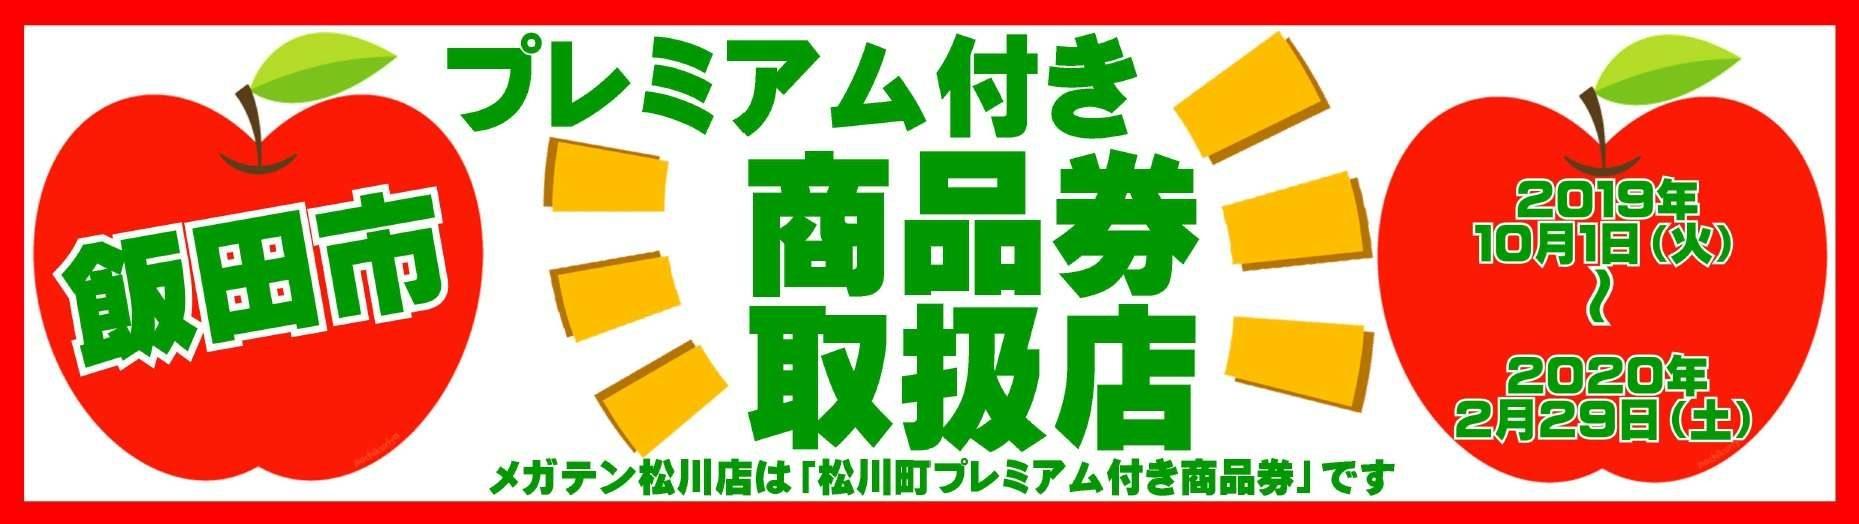 2019年10月1日開始! 飯田市・松川町のプレミアム商品券取扱い店です♪